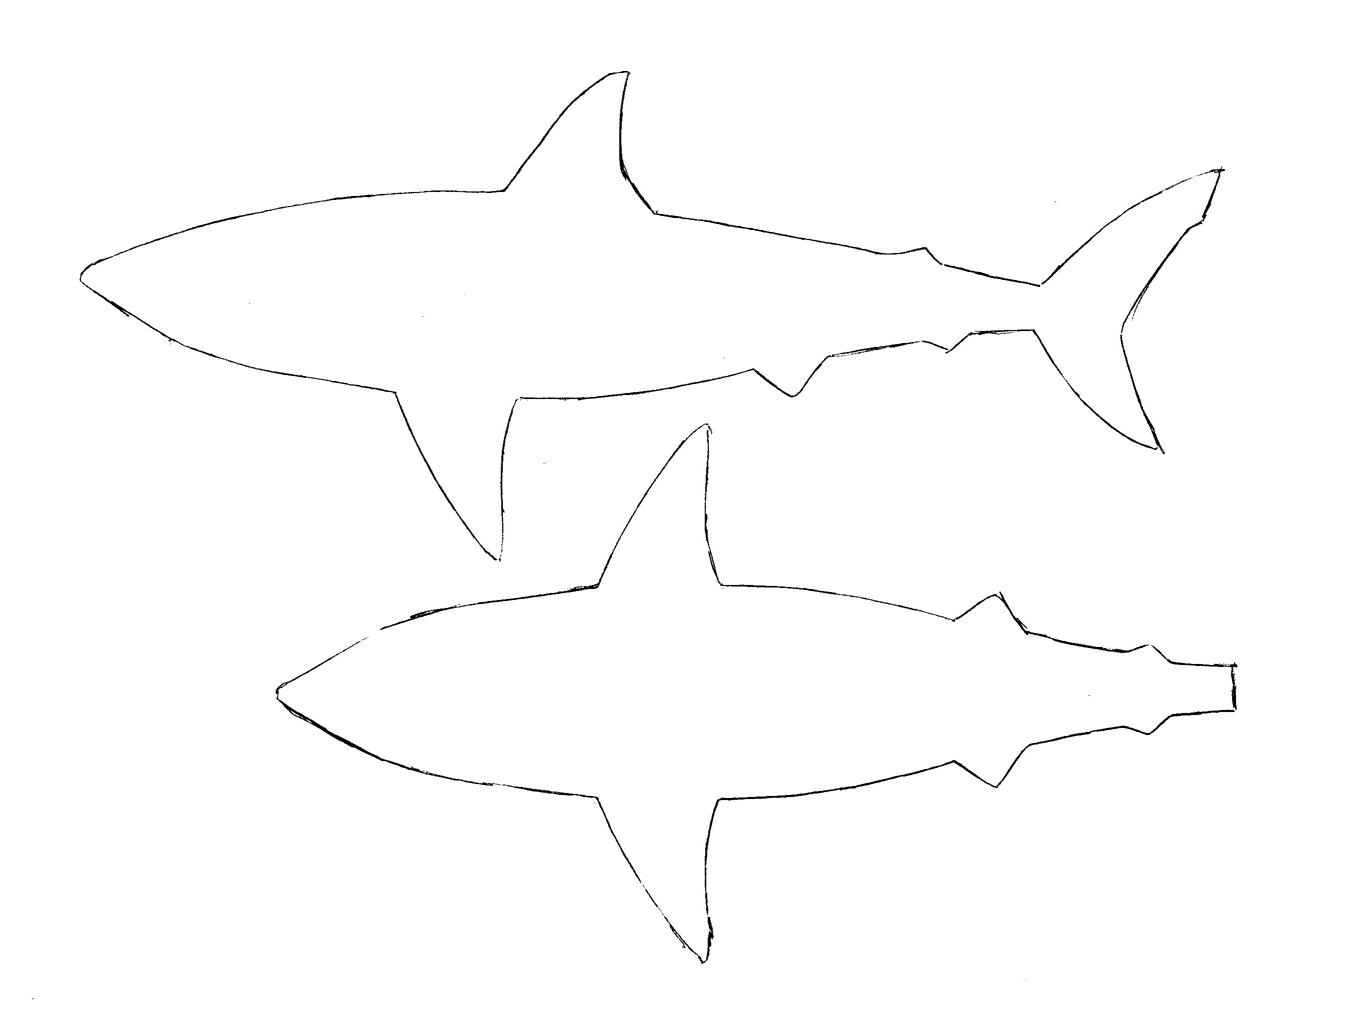 Simple shark outline